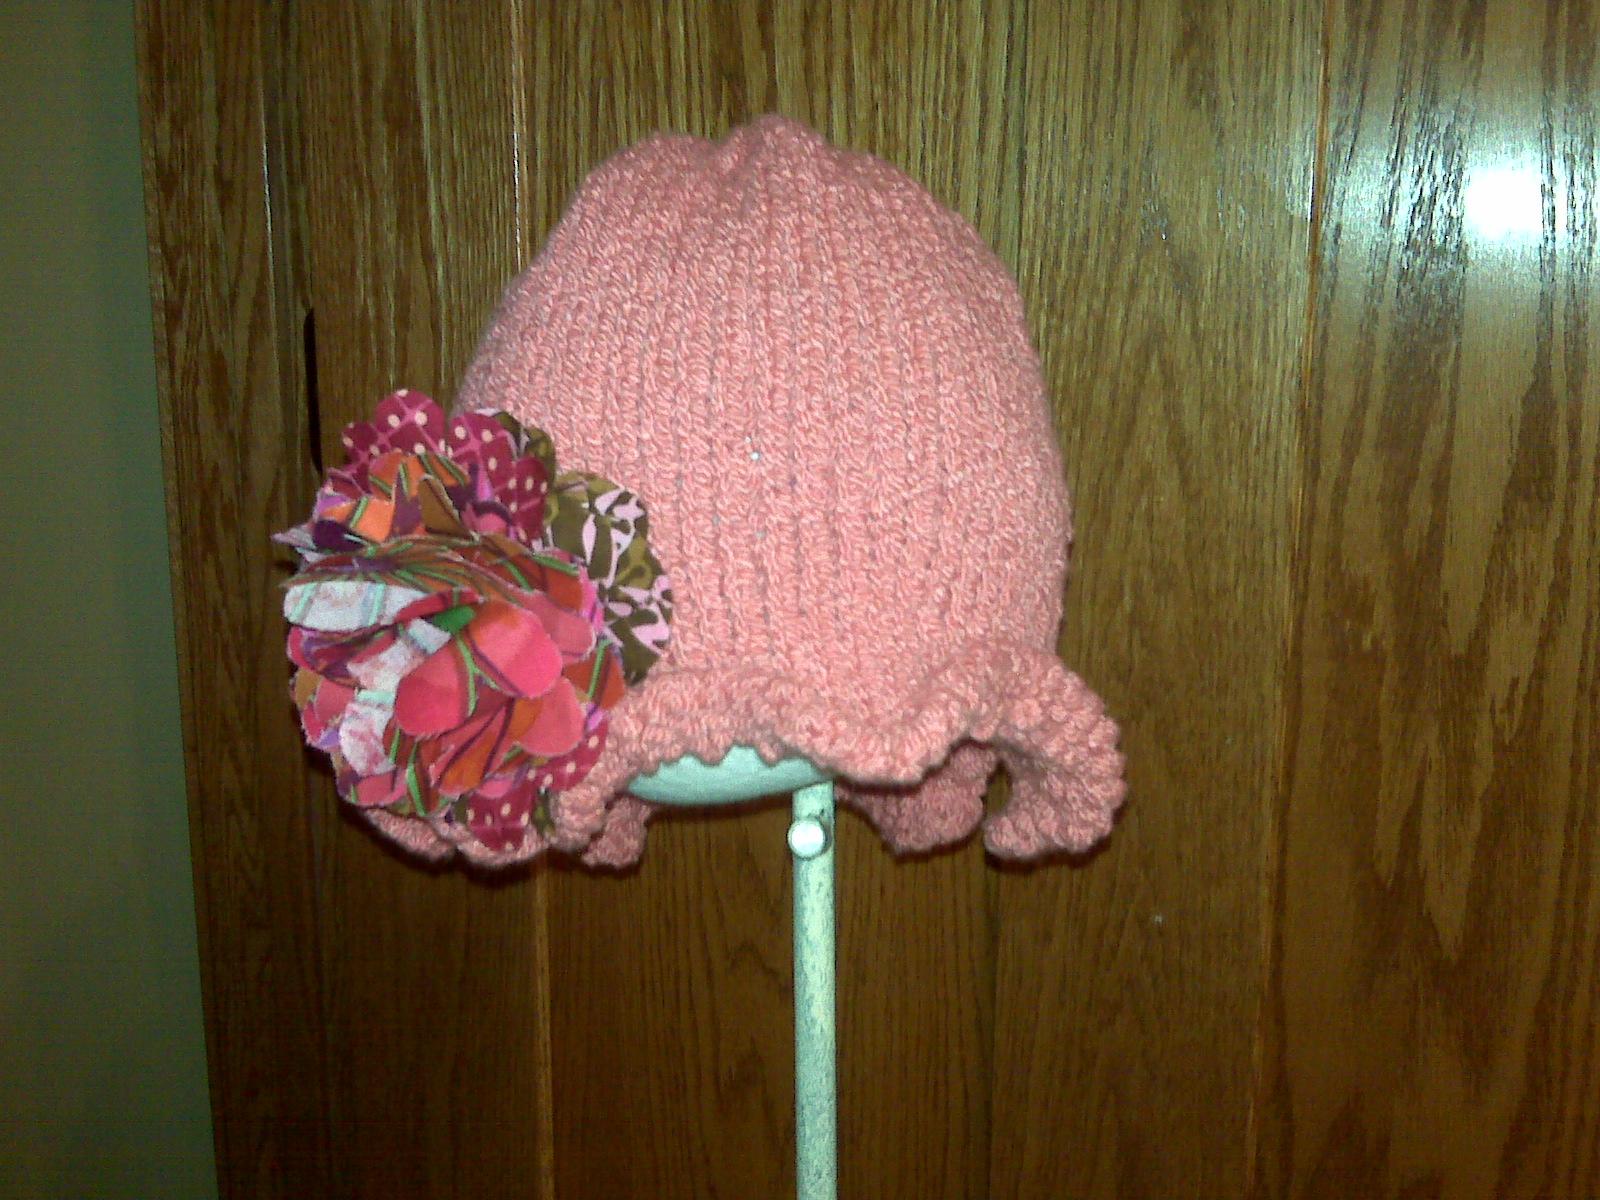 [addy+hat.aspx]